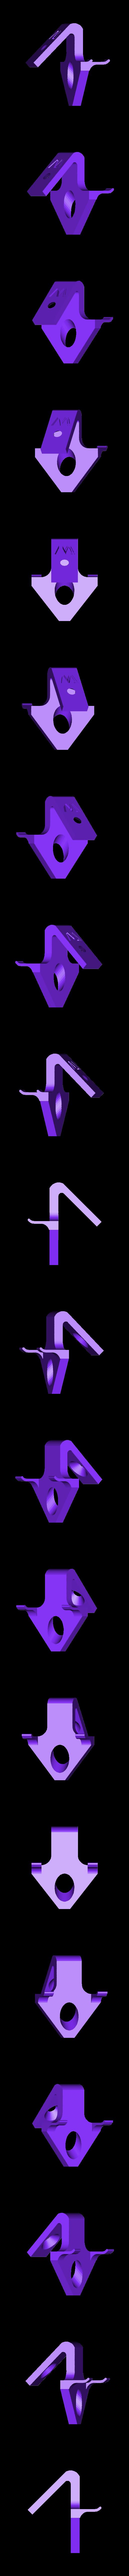 HOTWHEEL_MOUNT_V5.STL Download STL file Hotwheels & Diecast Car Display Mount • 3D printer model, mistry3design